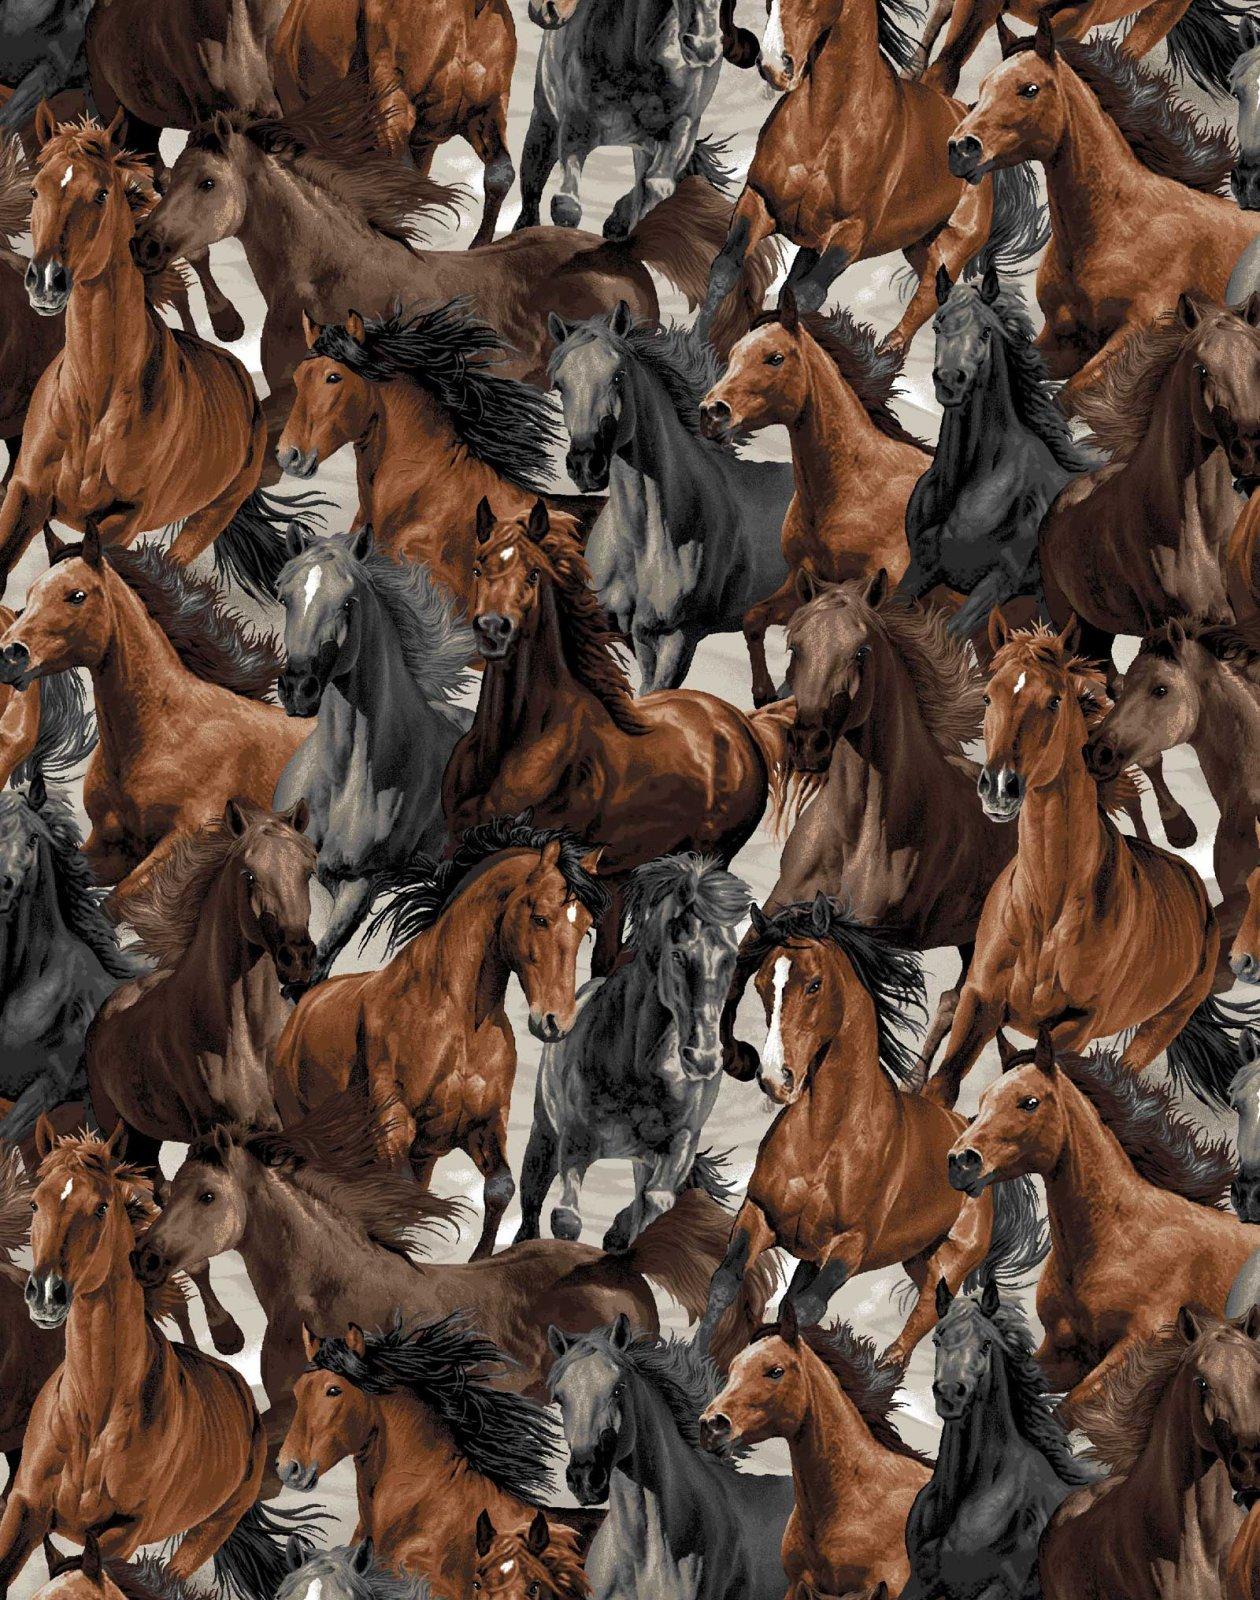 Horse Play Packed Horses OA6012701